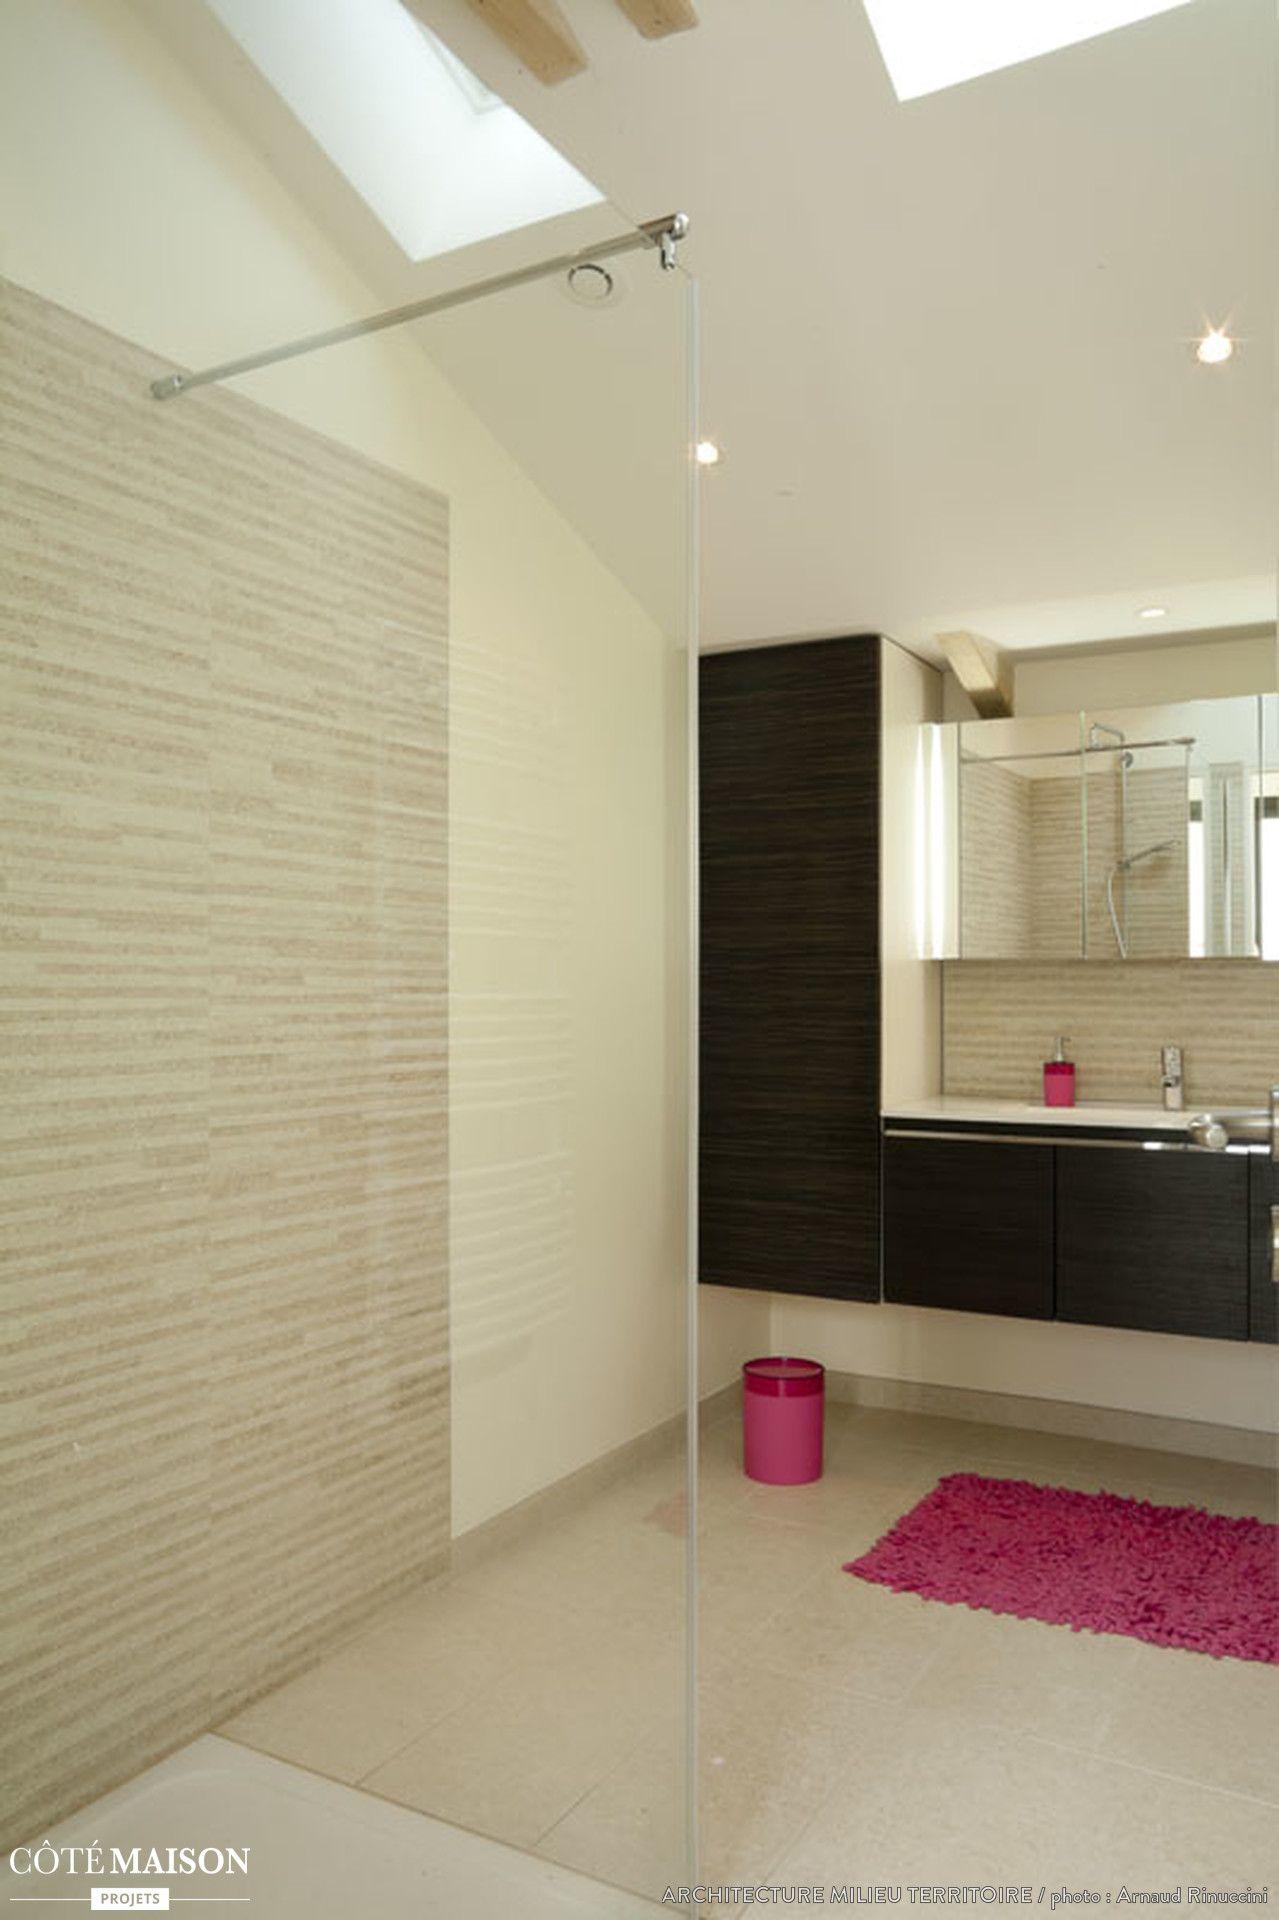 Plus de 1000 idées à propos de salles de bains // bathrooms sur ...